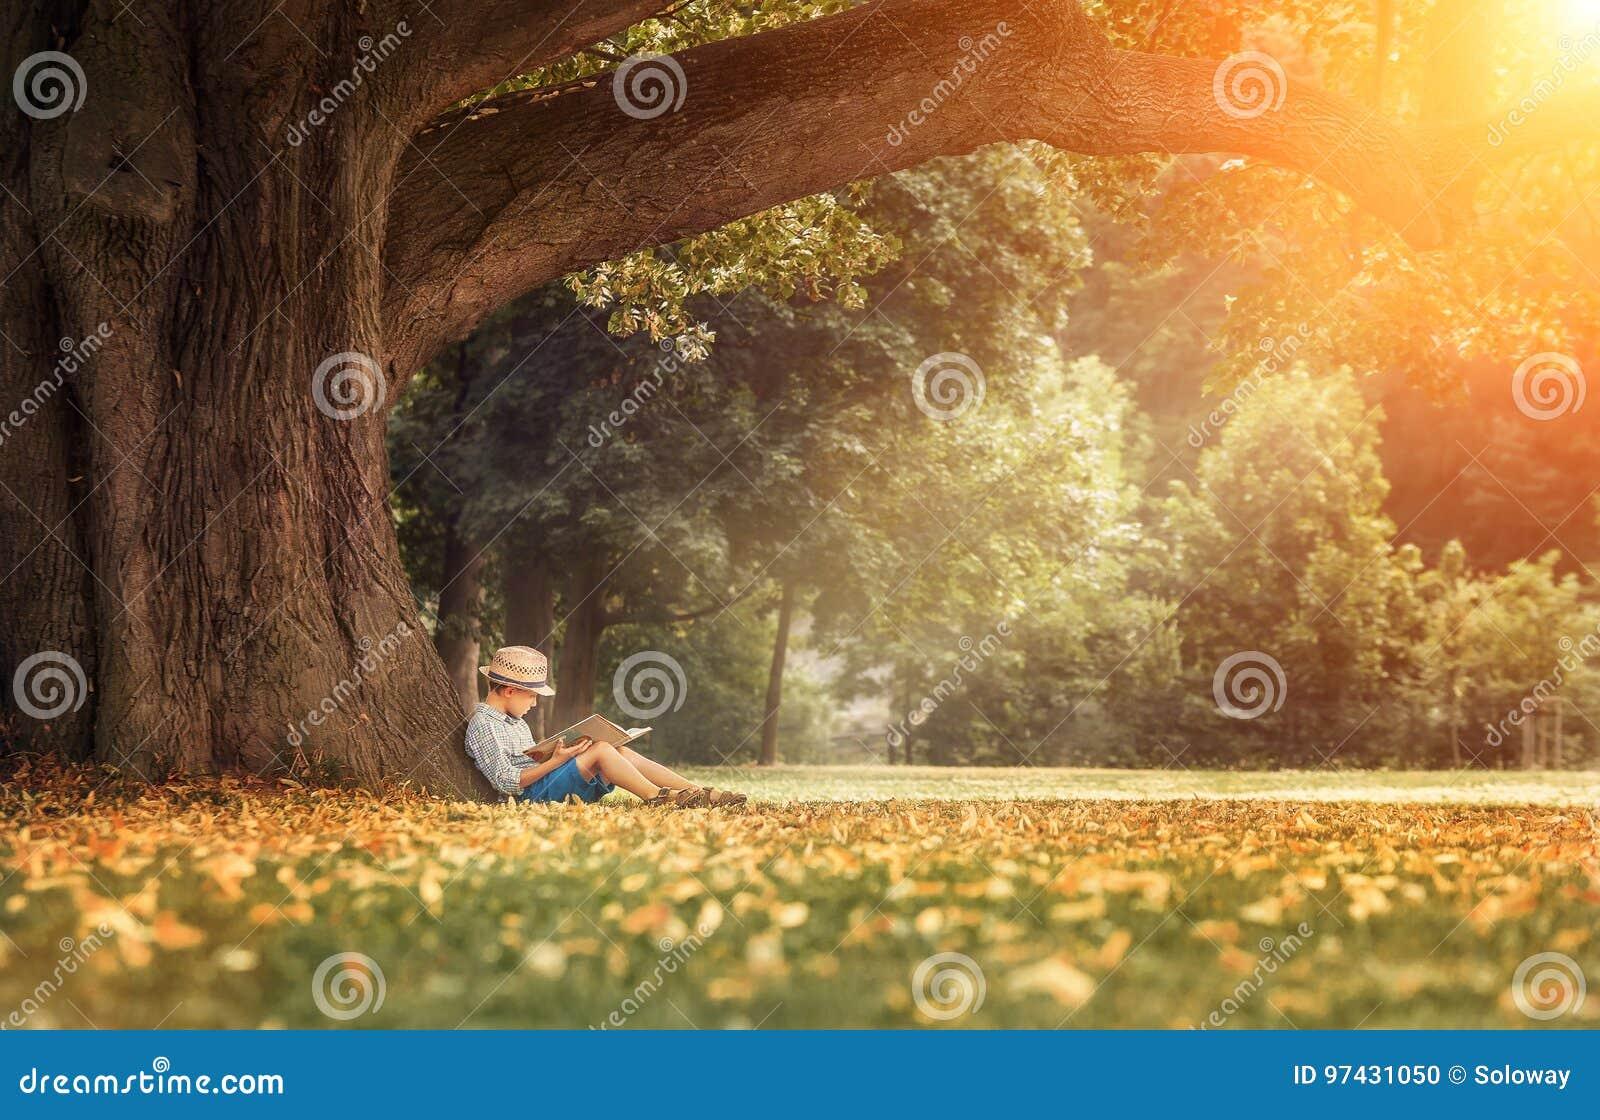 Niño pequeño que lee un libro debajo de árbol de tilo grande